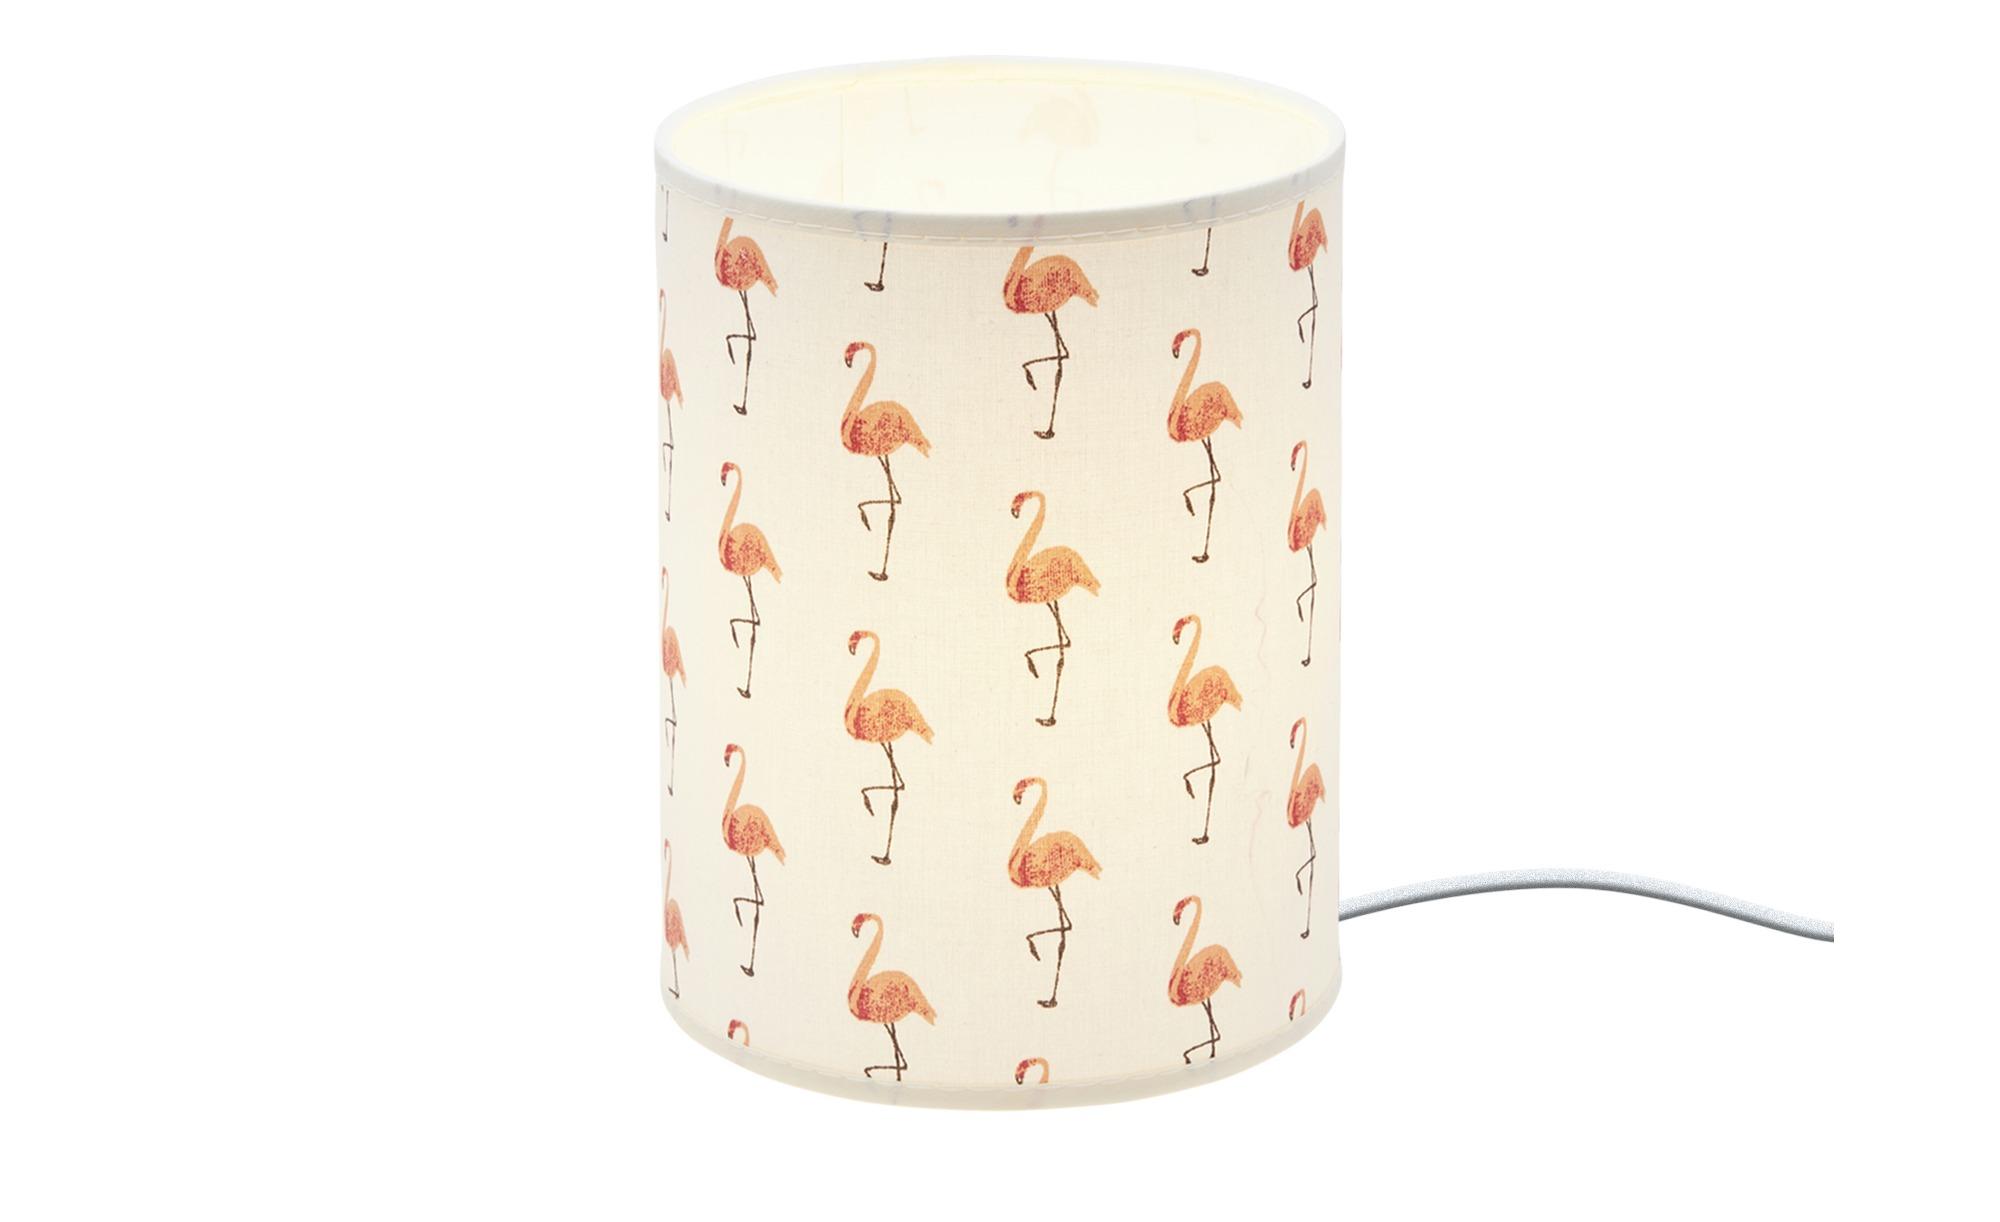 Uups Tischleuchte  Flamingo ¦ creme ¦ Maße (cm): H: 20 Ø: 15 Lampen & Leuchten > Innenleuchten > Kinderlampen - Höffner